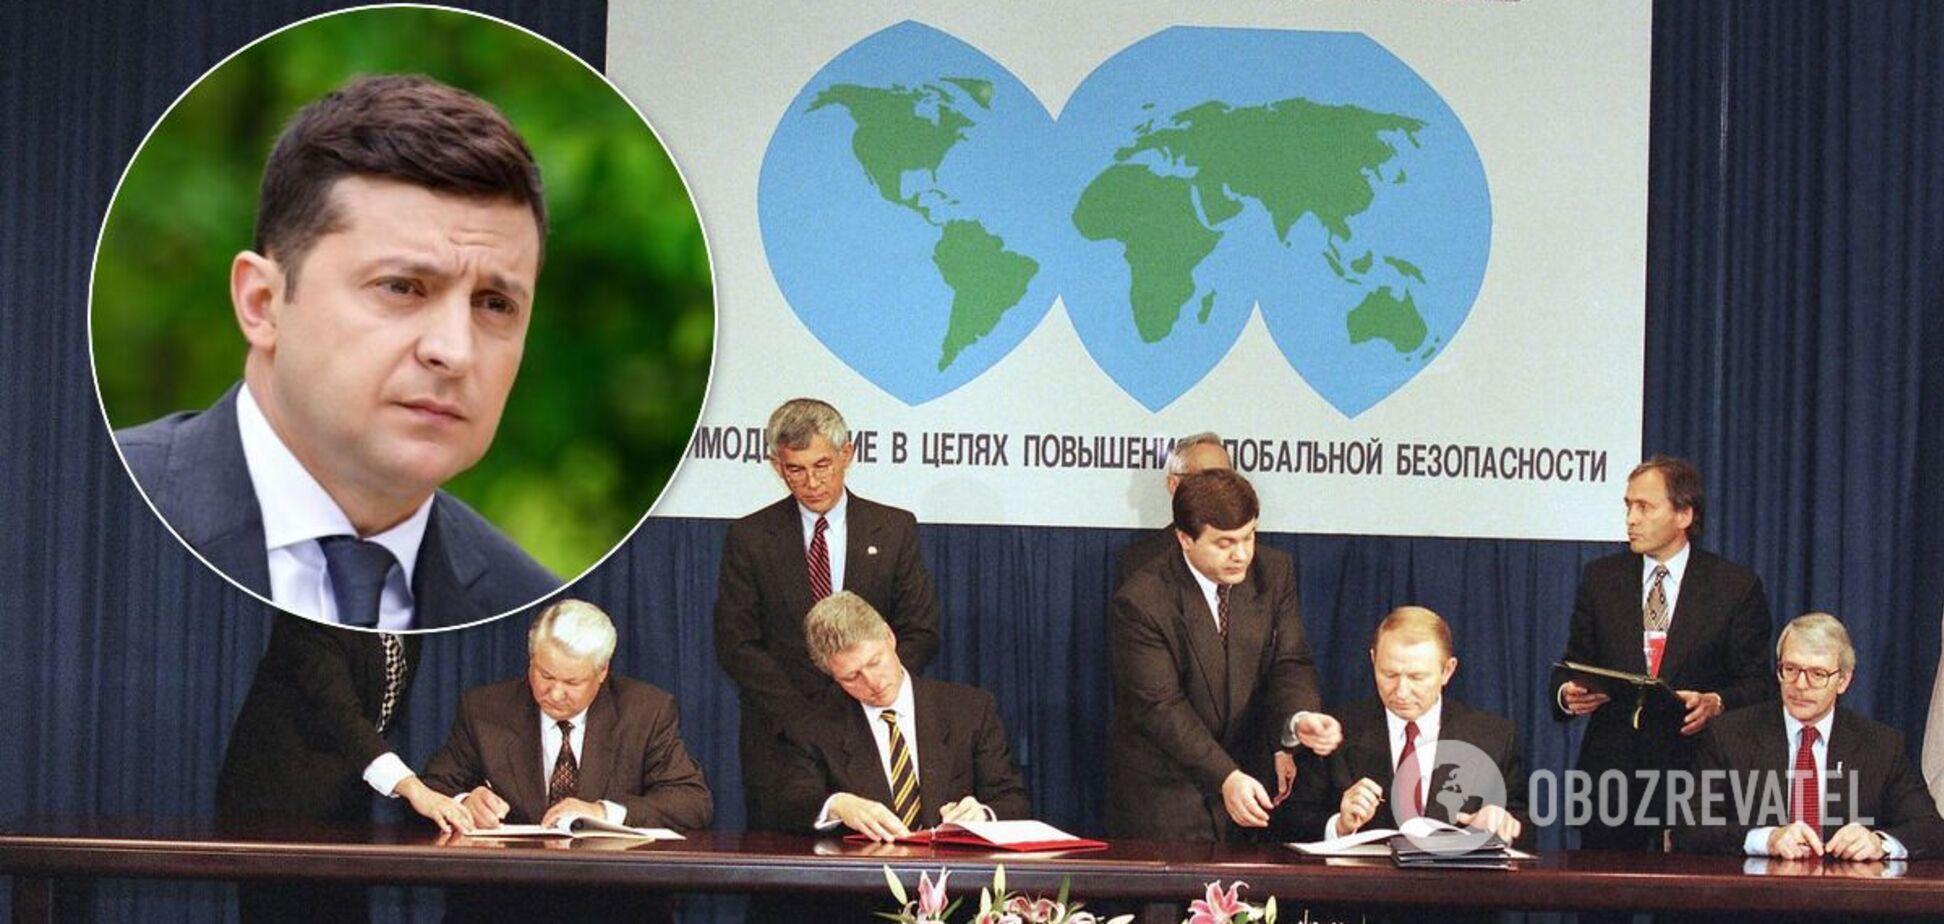 Будапештский меморандум подписали в 1994 году США, Великобритания, Россия и Украина